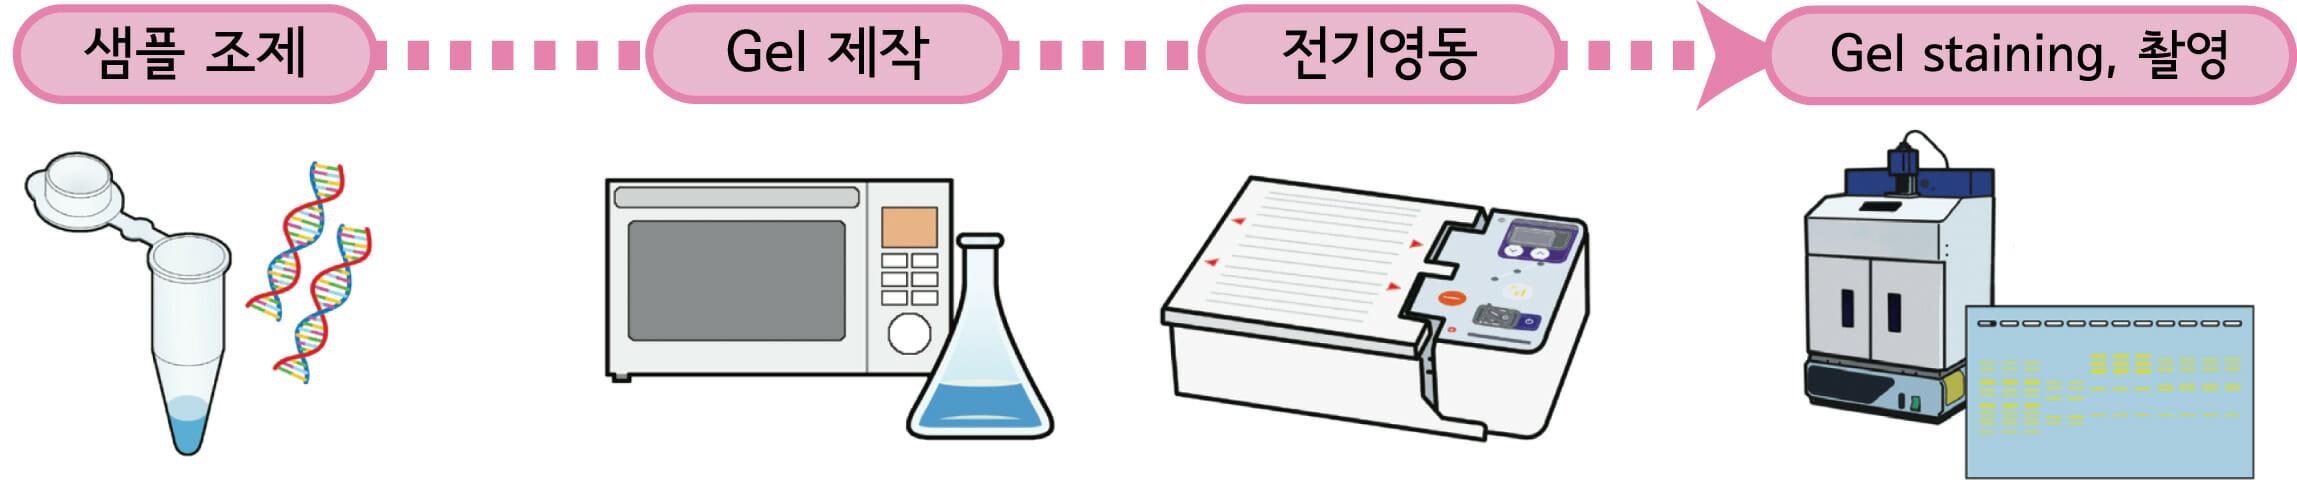 Experimental flow of agarose gel electrophoresis